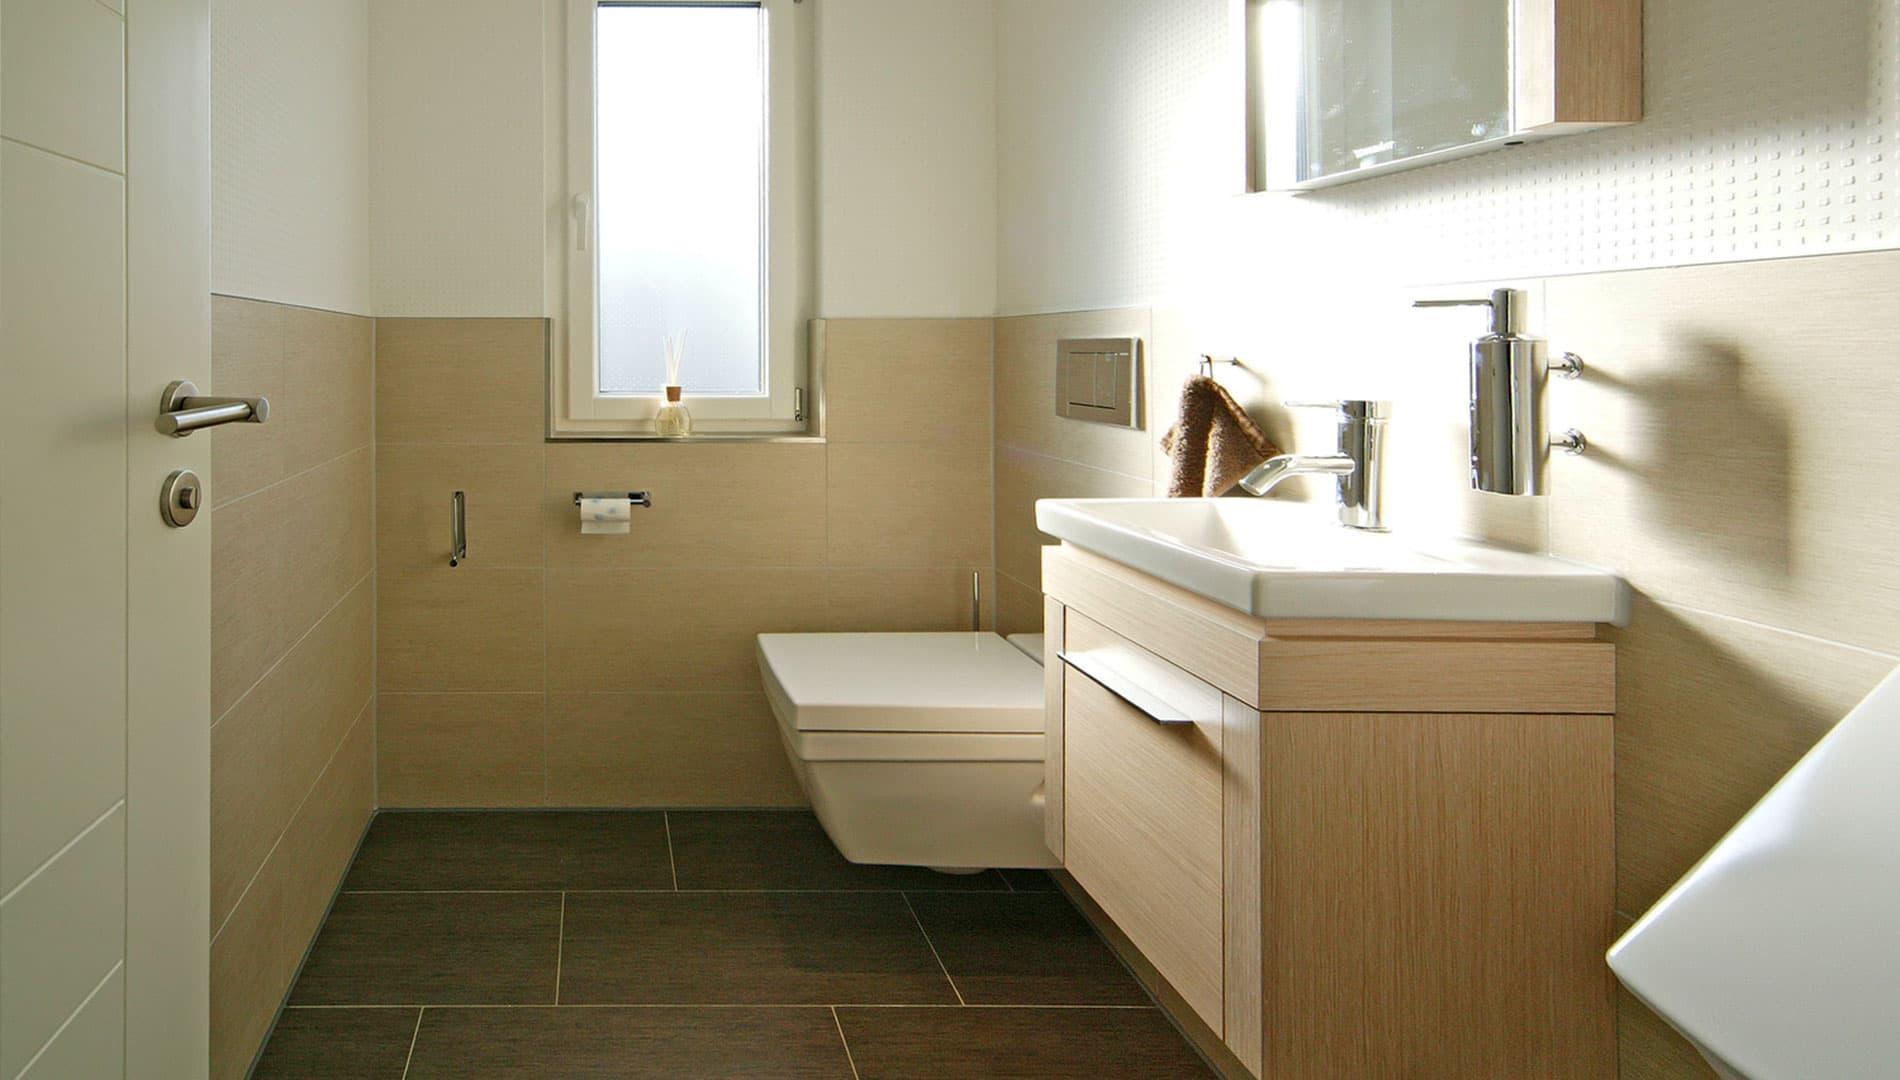 Musterhaus Villingen-Schwenningen - Gäste-WC